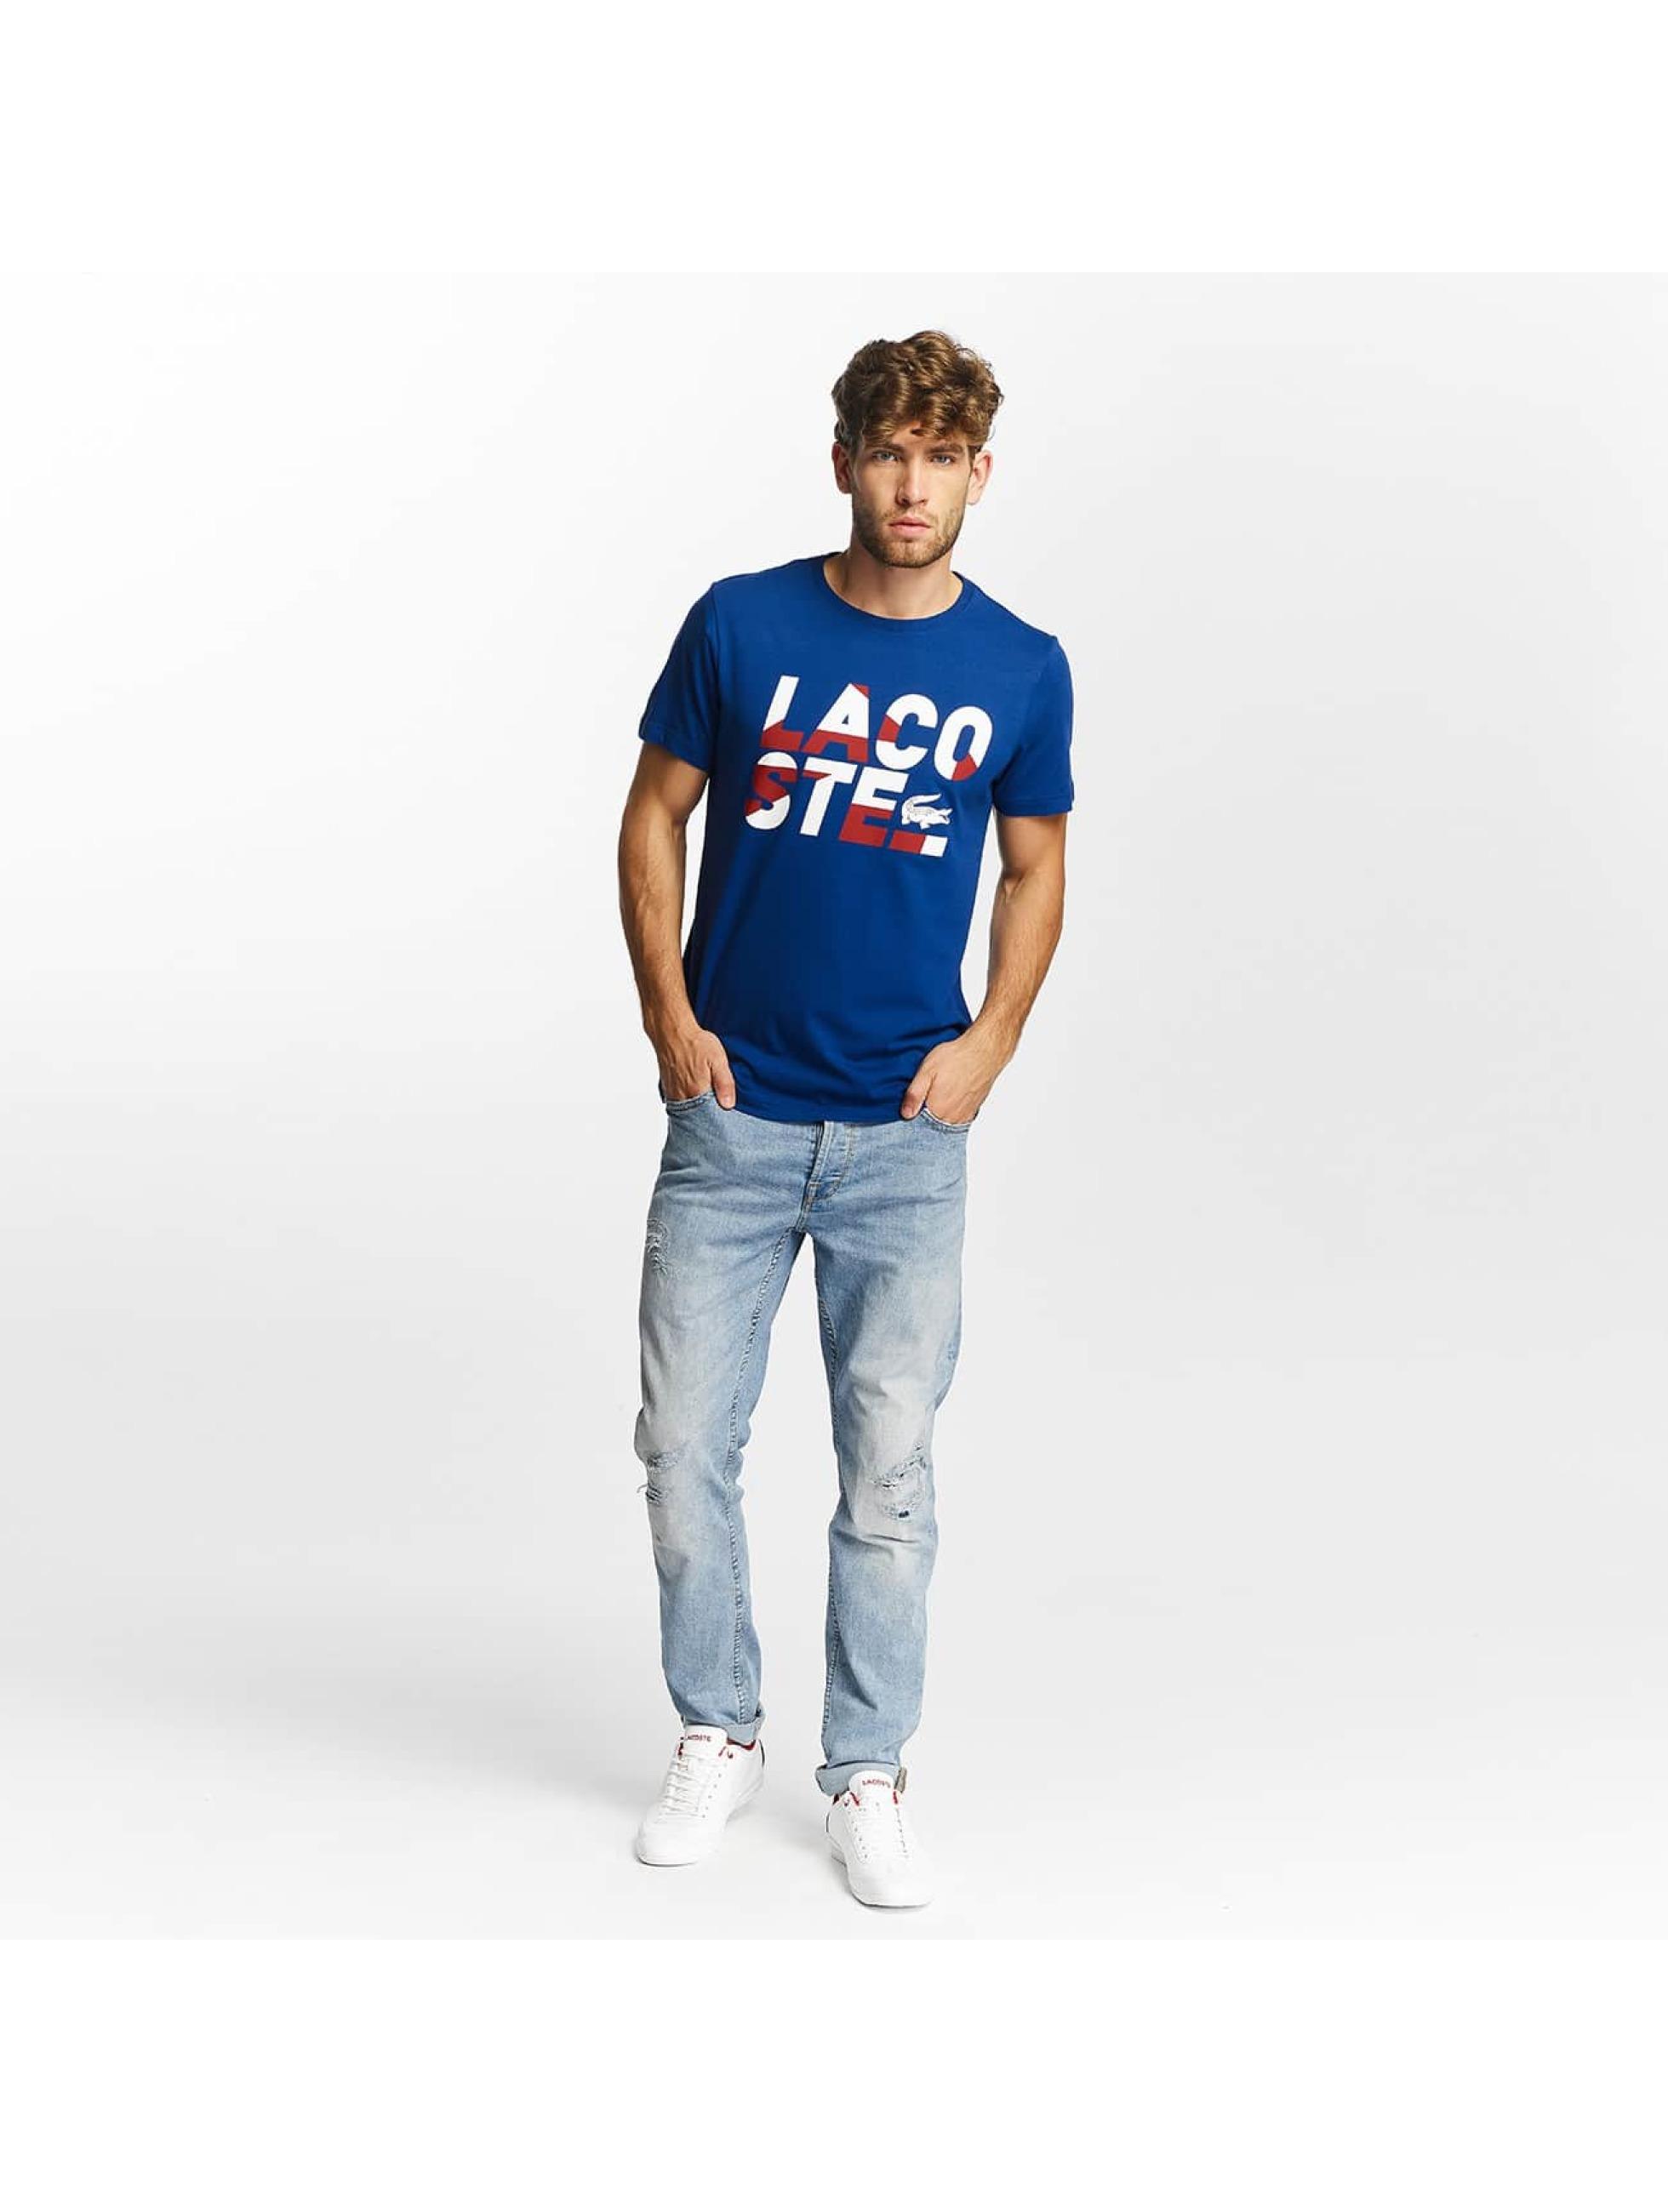 Lacoste T-Shirt Kroko blue